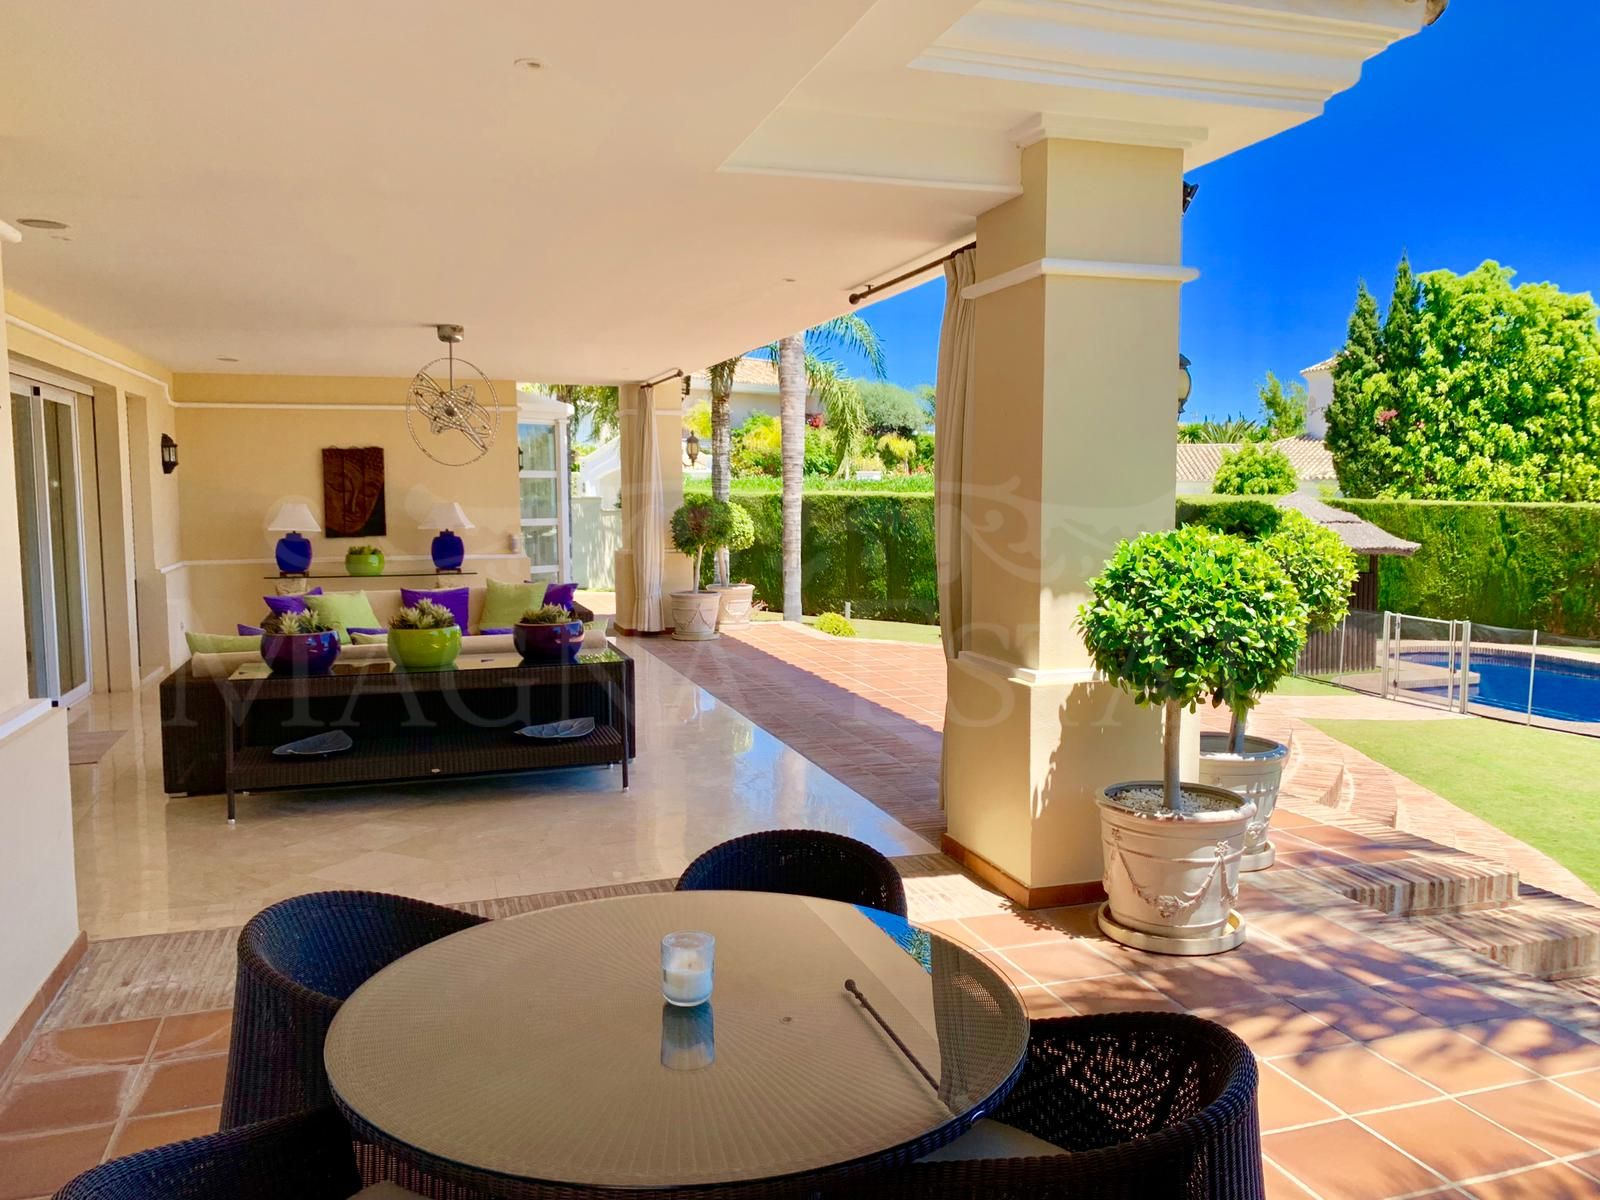 Lujosa y exclusiva villa clásica en La Cerquilla, Nueva Andalucía, Marbella